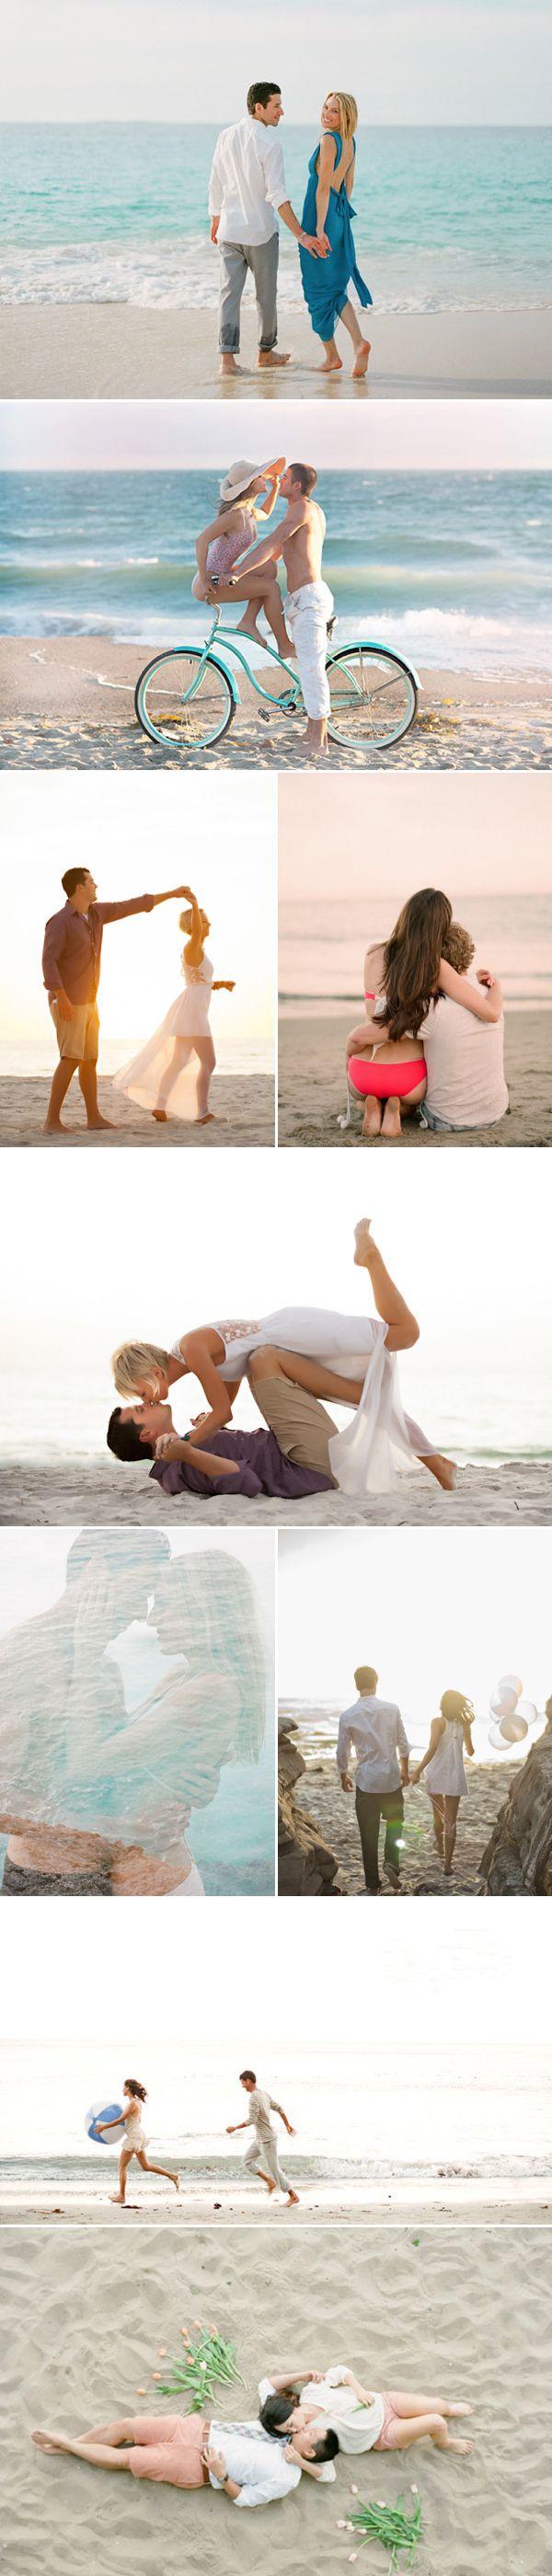 35 Summer Lifestyle Engagement Photo Ideas